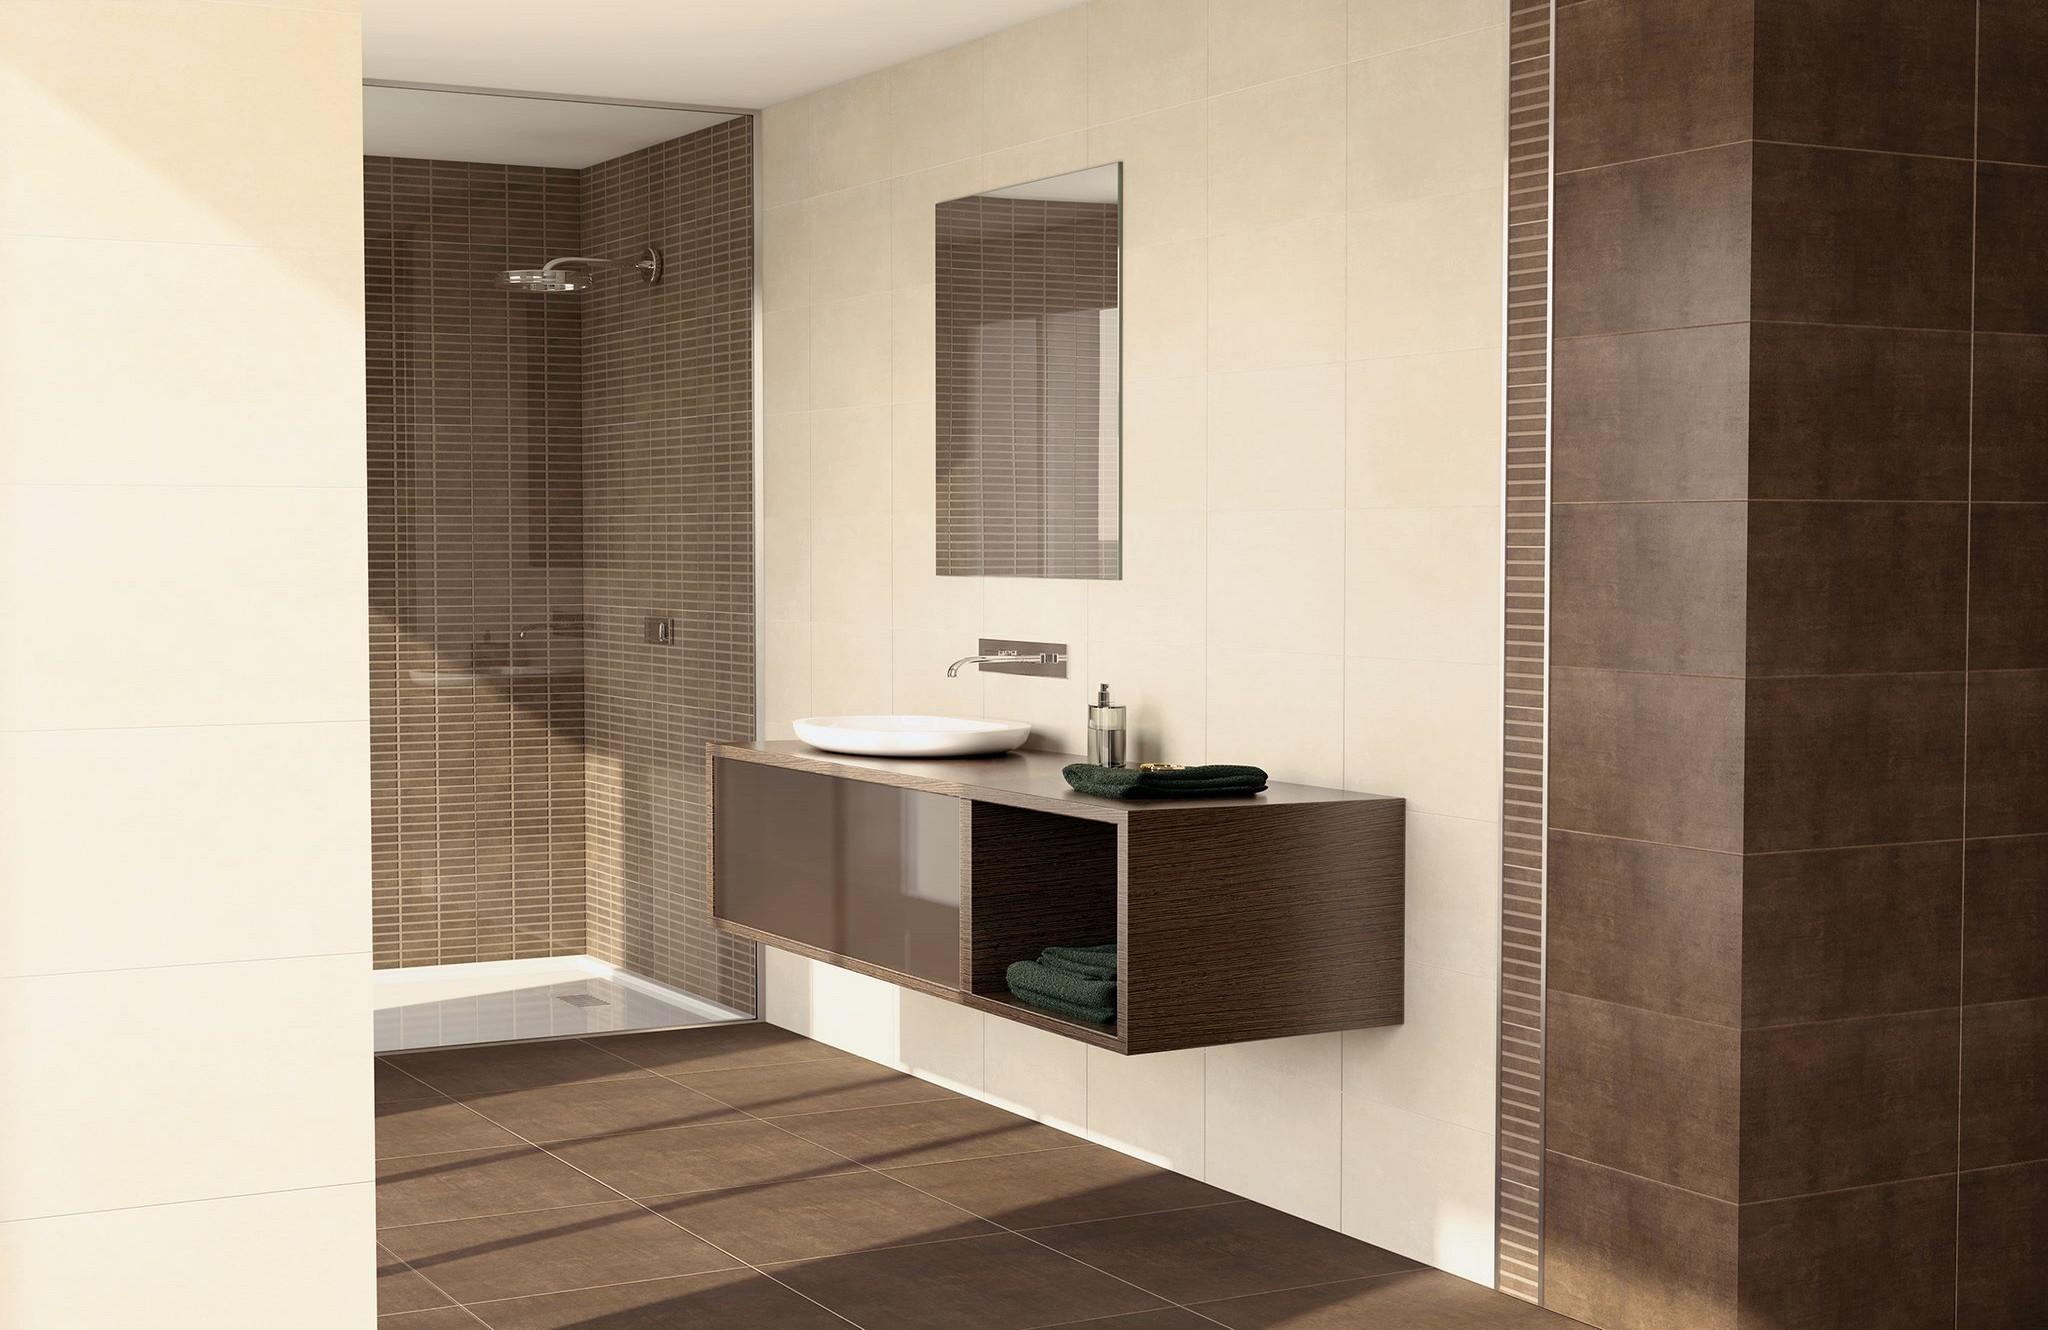 Accessoire Salle De Bain Terre Cuite ~ faience salle de bain cifre serie baltimore 25×40 1 choix